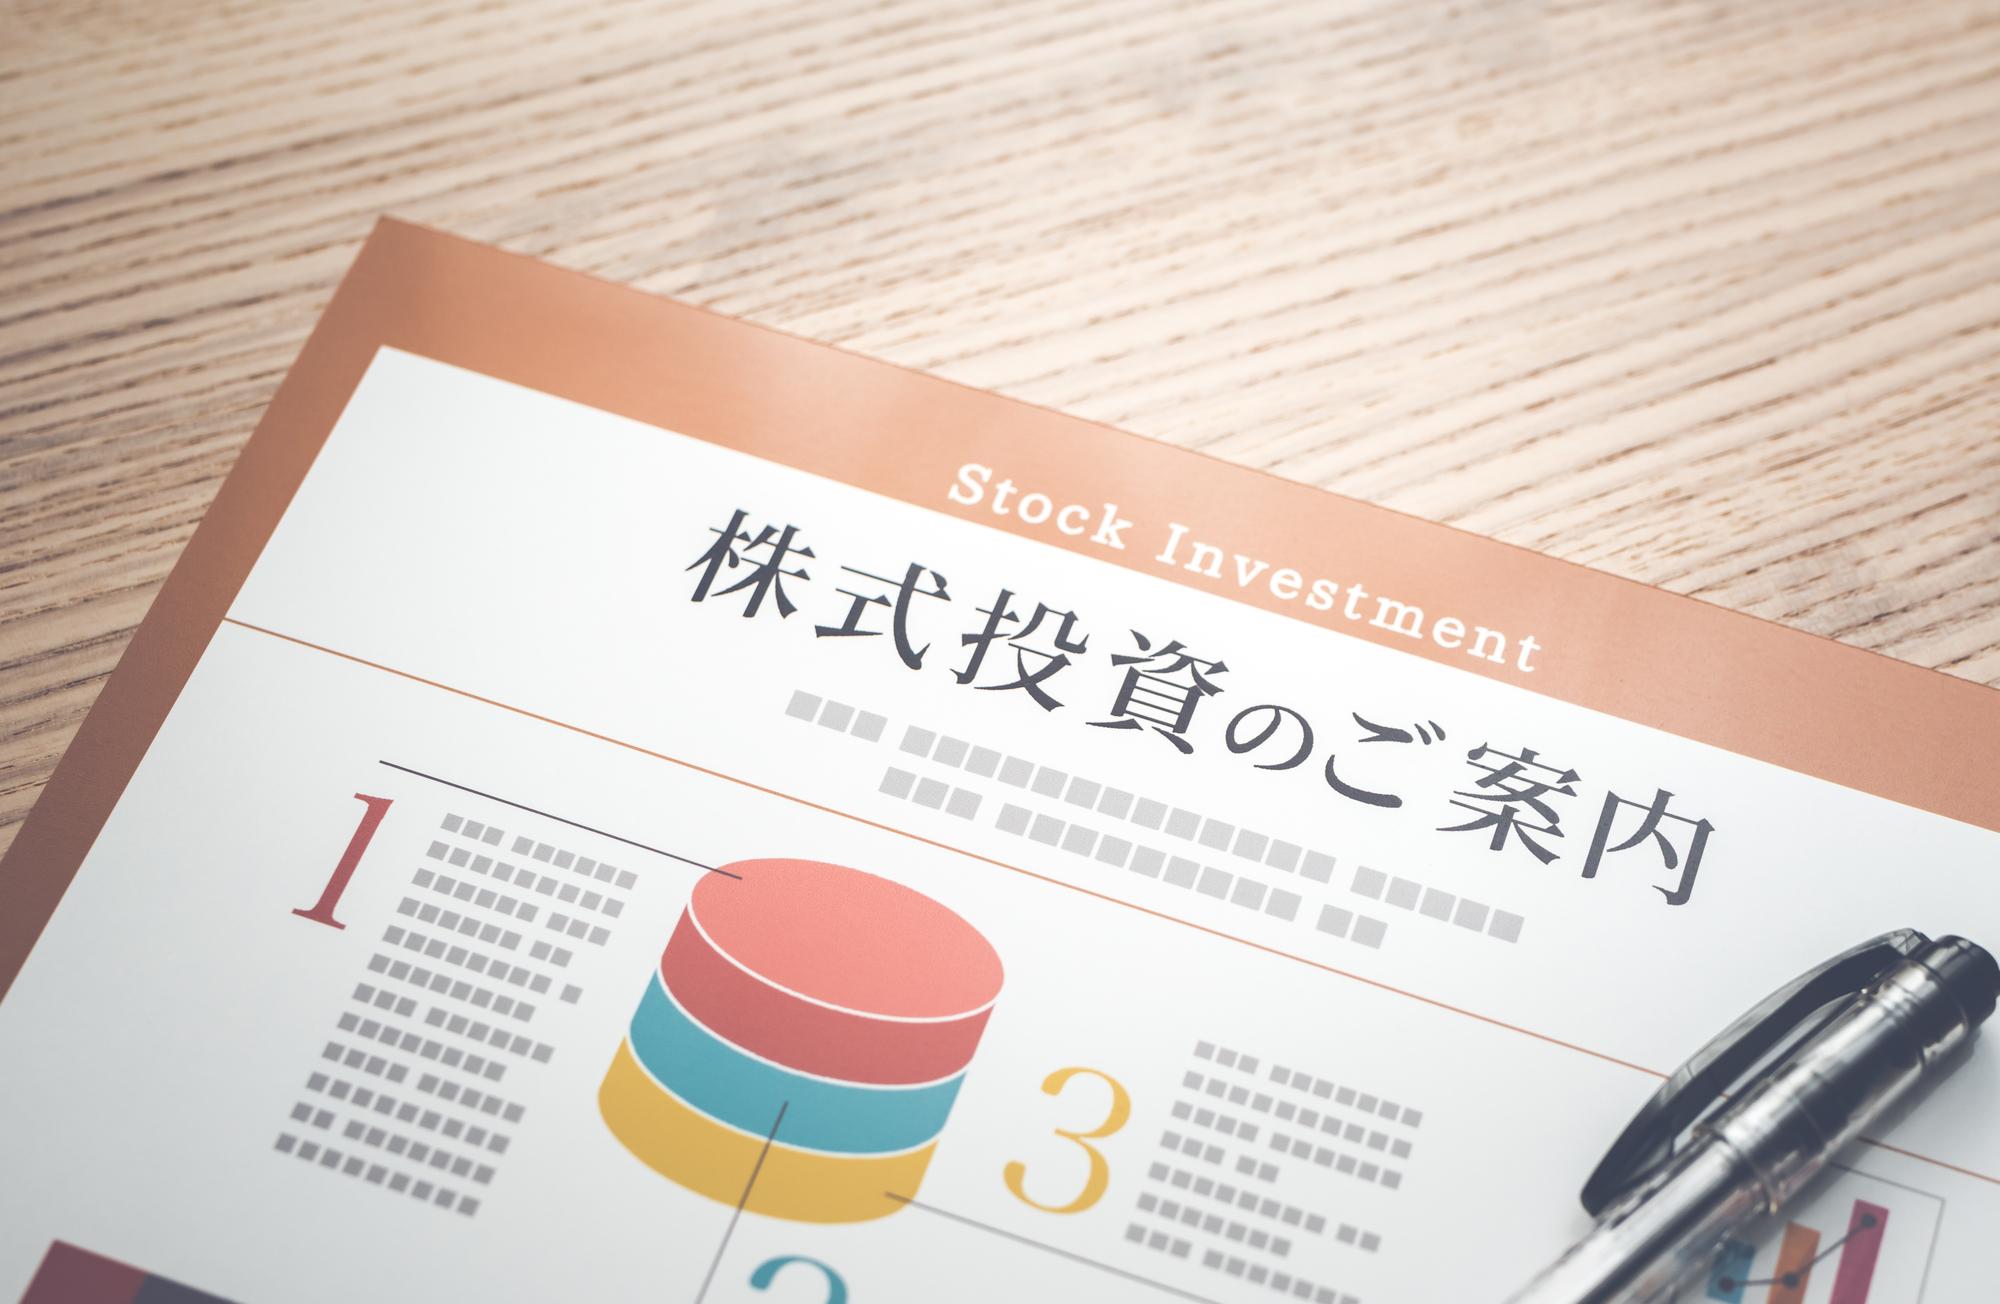 株初心者が知っておいた方が良い知識